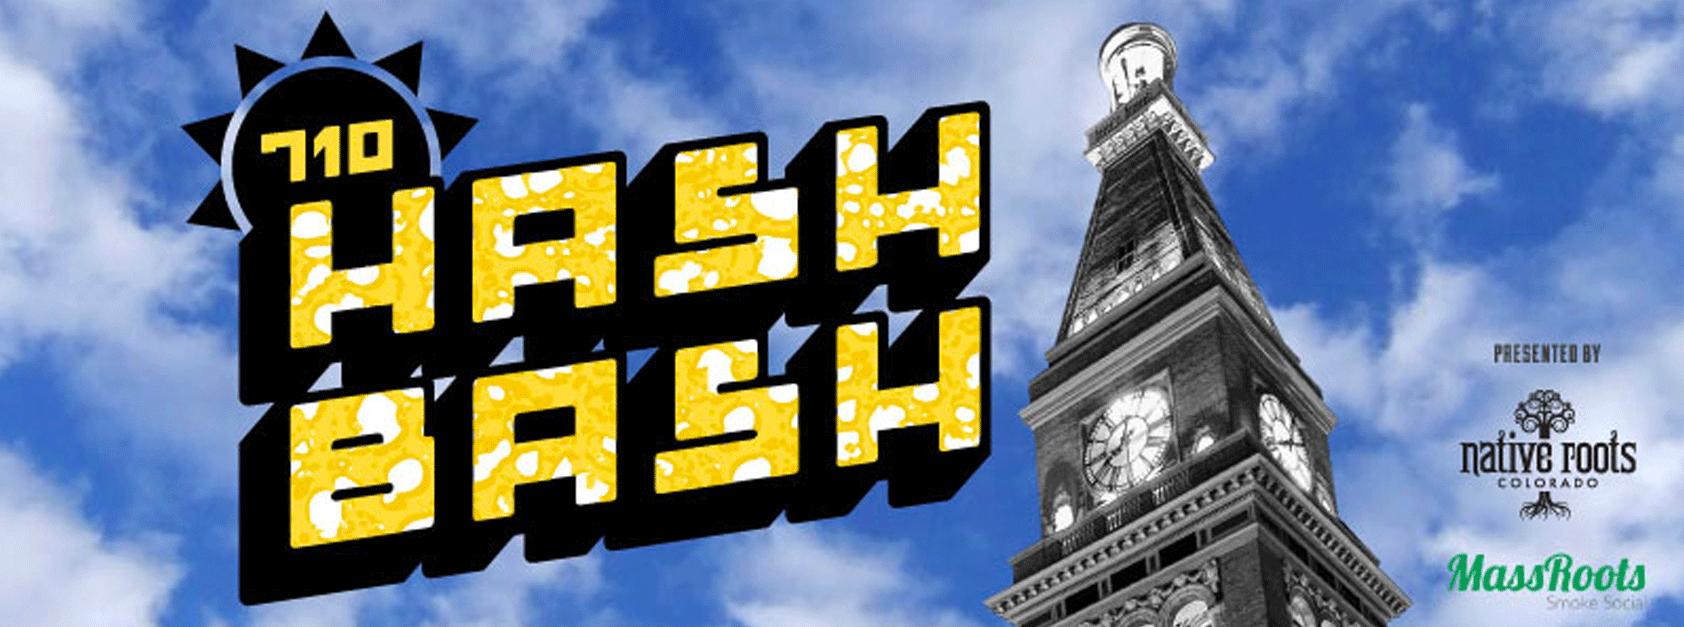 Hash Bash 710